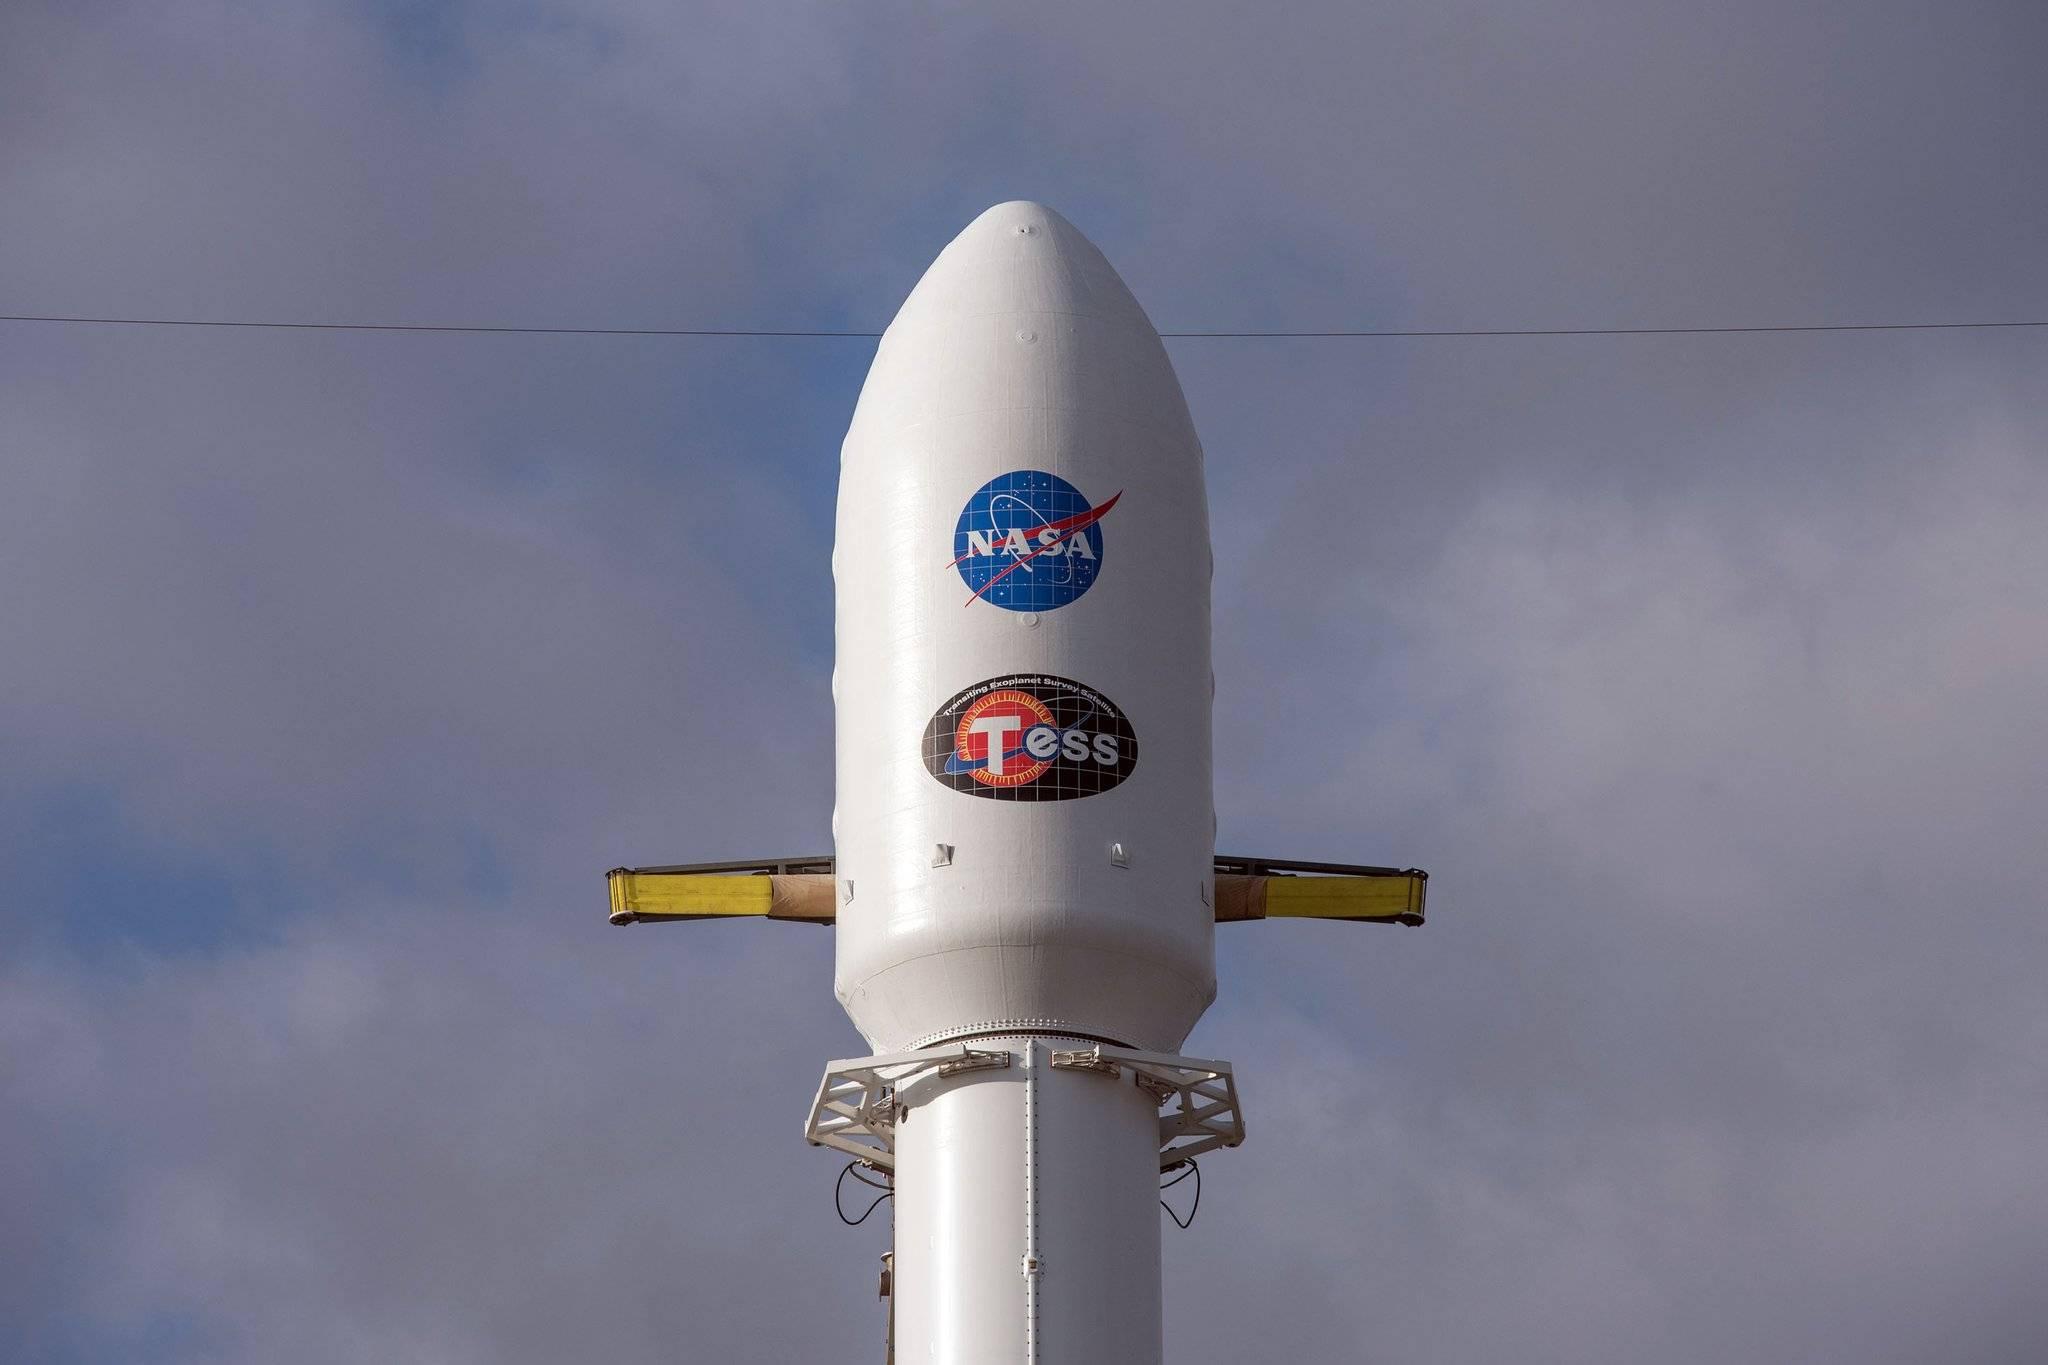 En busca de nuevos mundos: La nueva sonda de la NASA ya está en órbita.